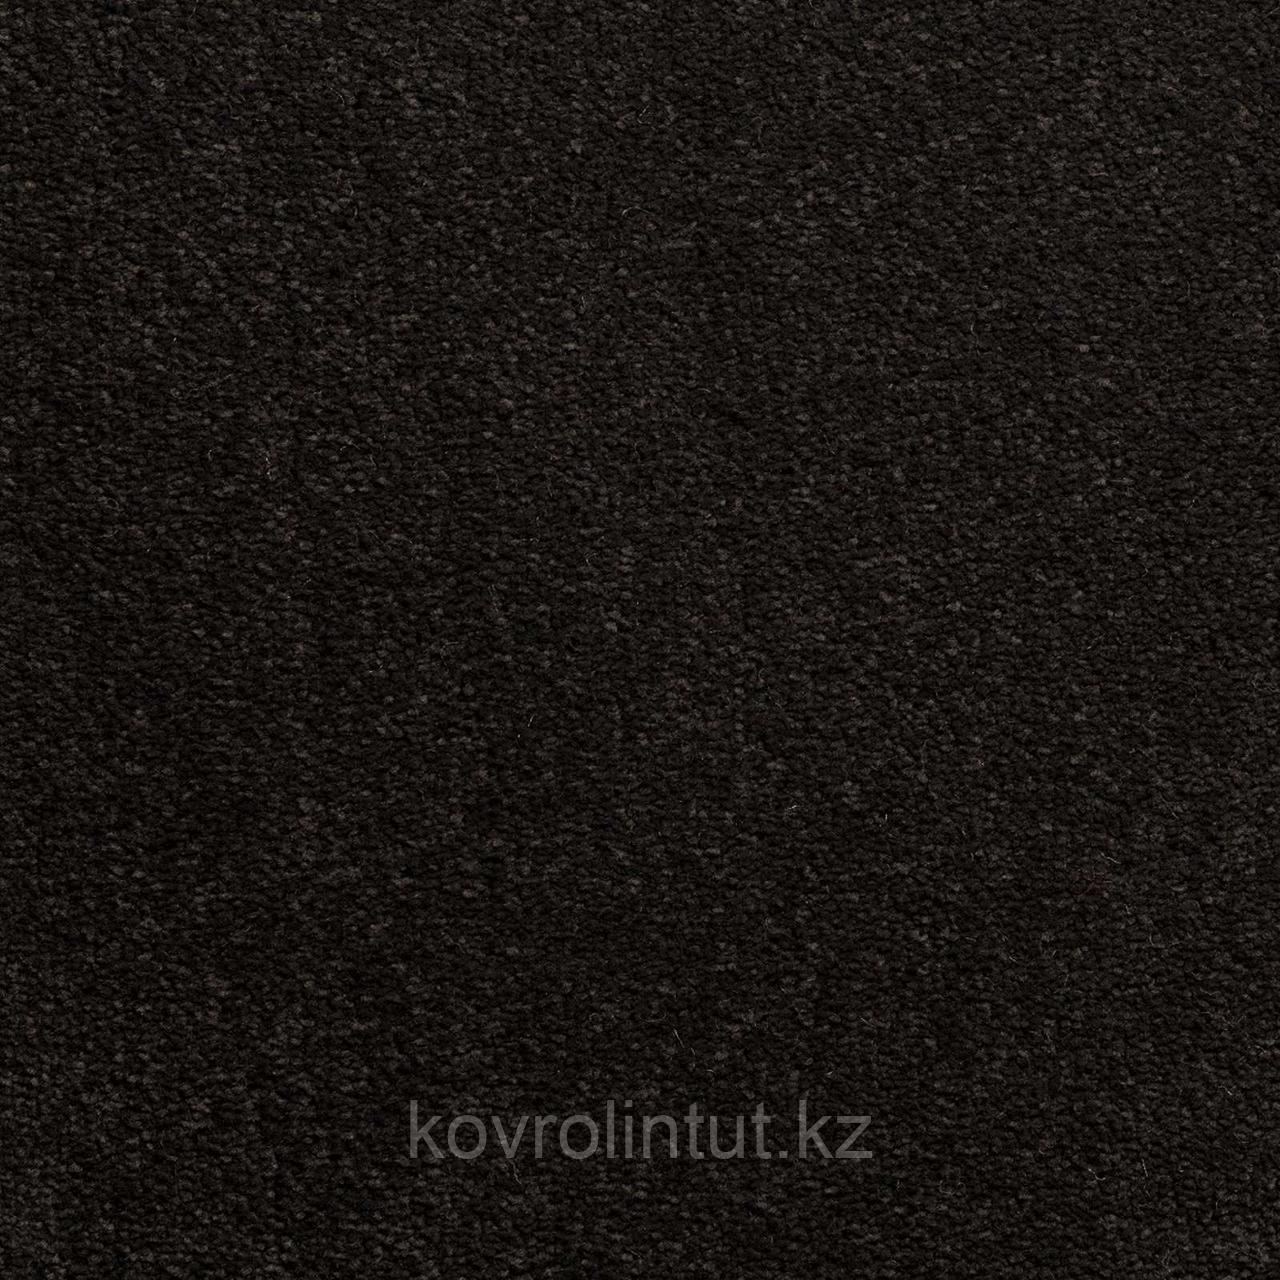 Ковровое покрытие Condor IMPERIAL 78 черный 4 м